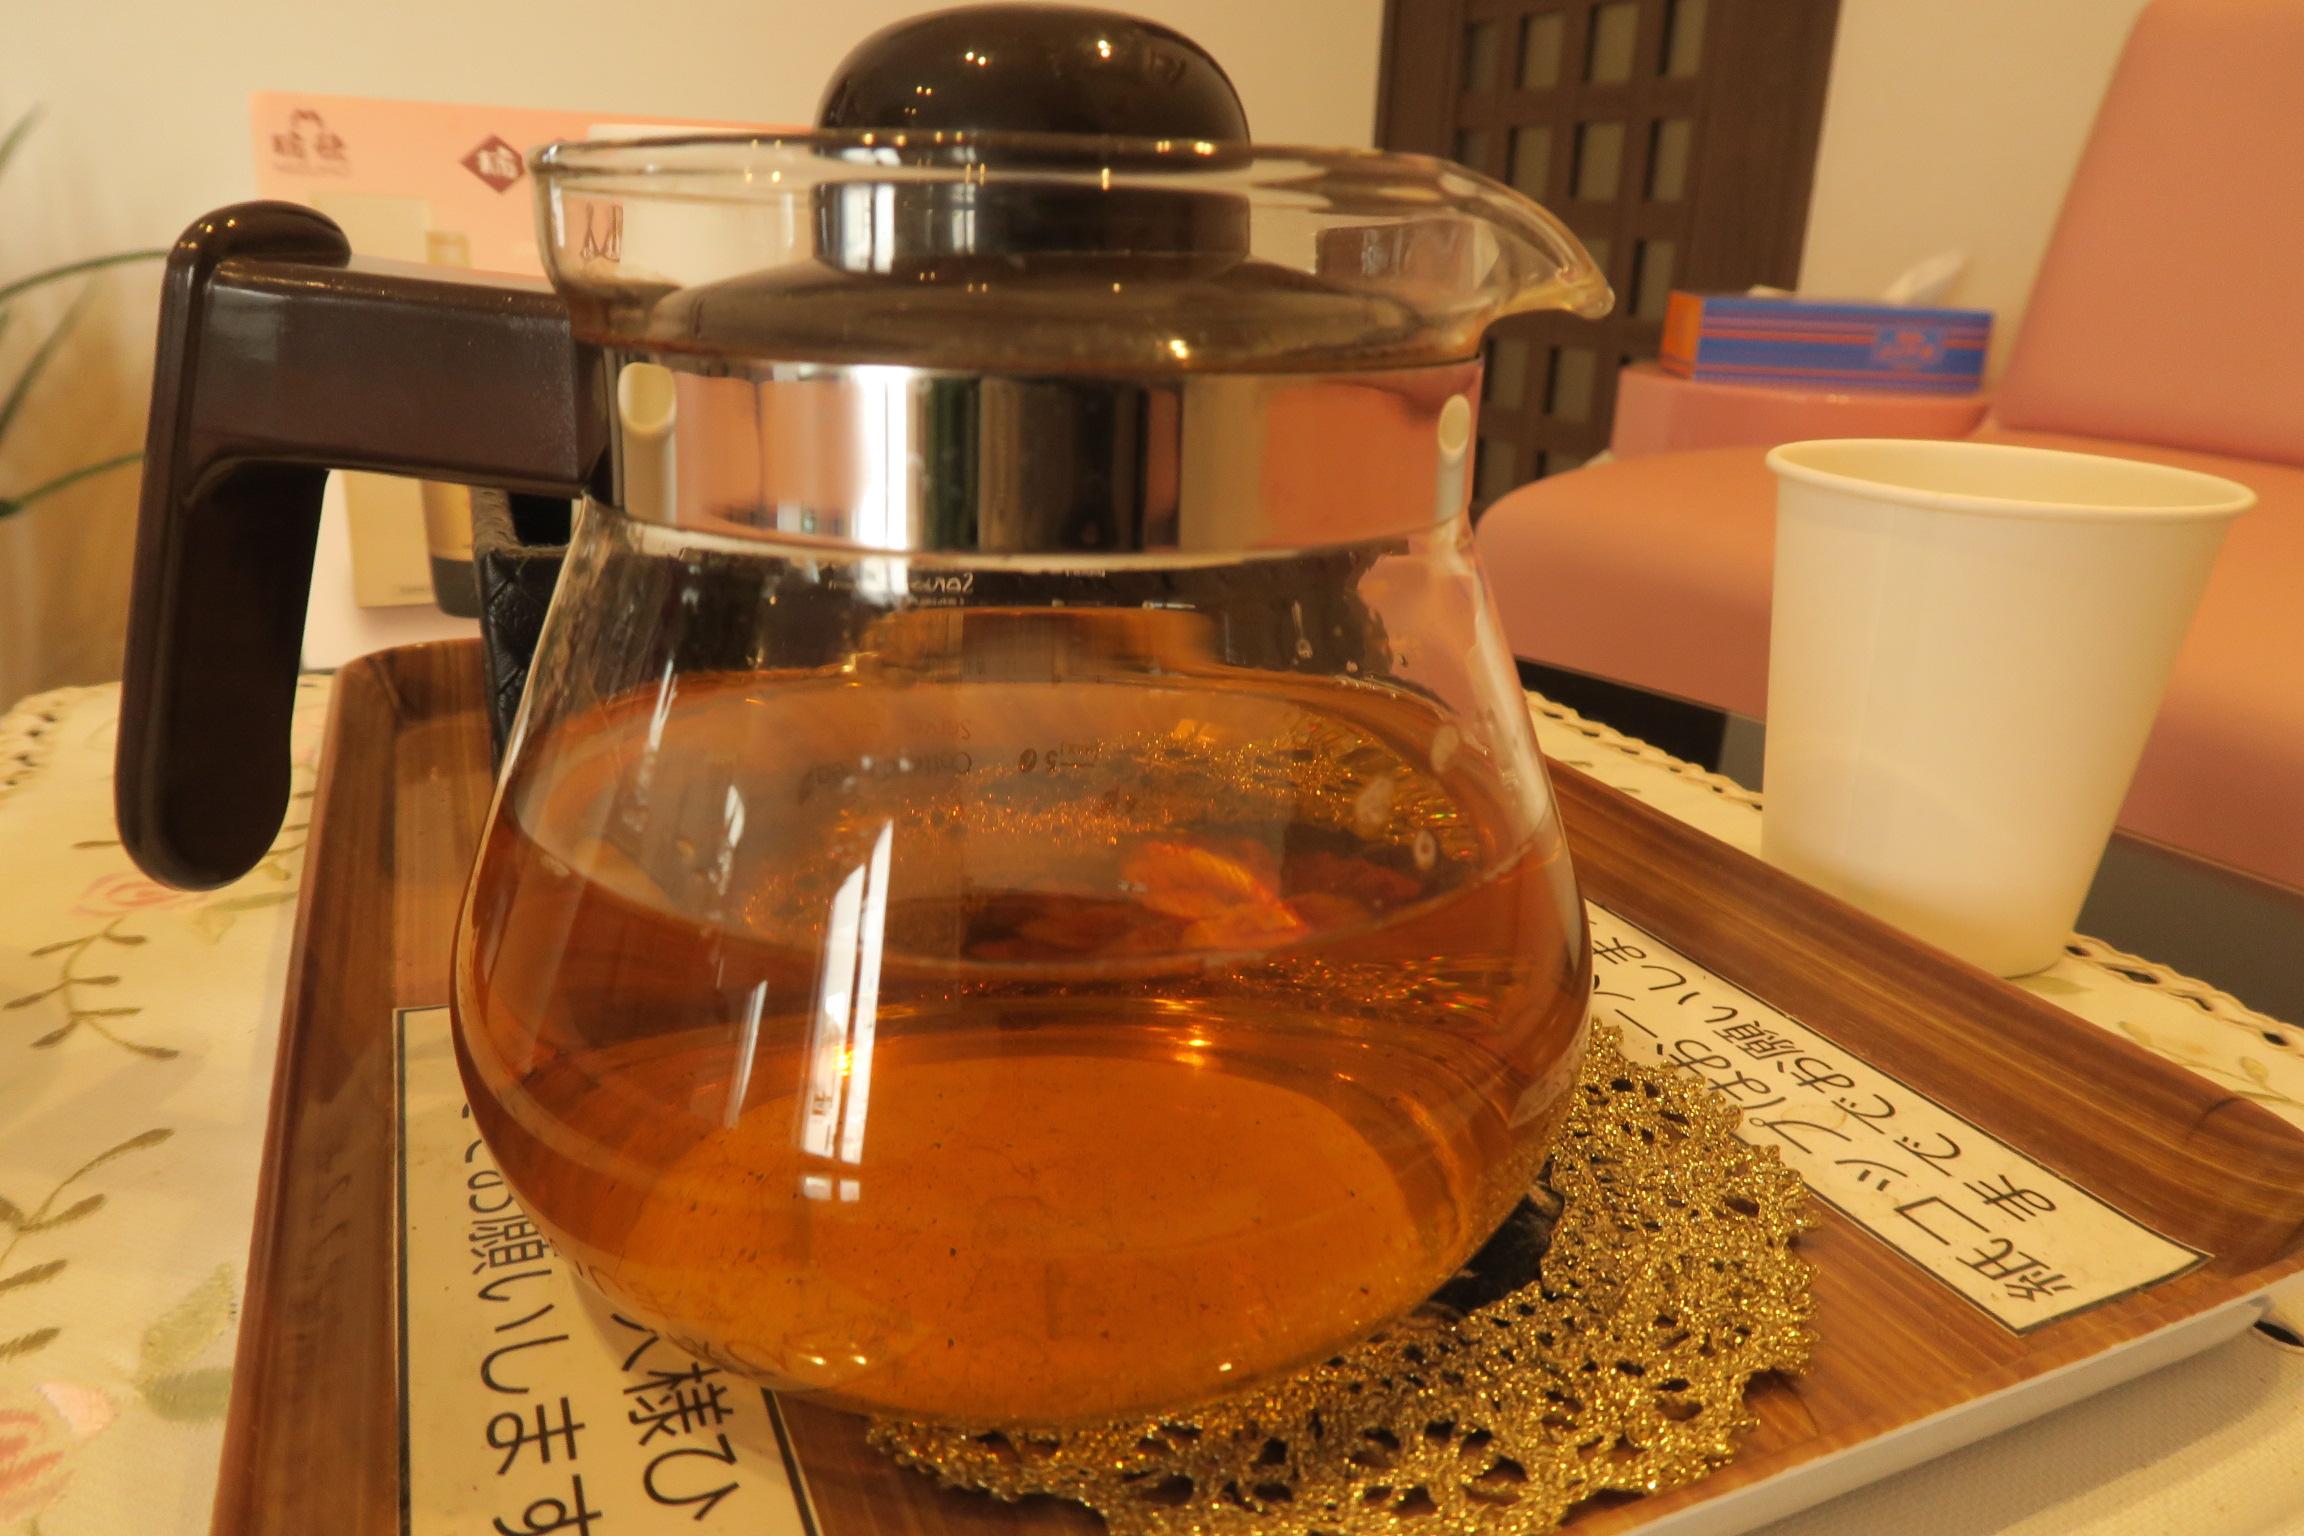 酵素ドリンクと水分補給のためのお茶が用意されています。